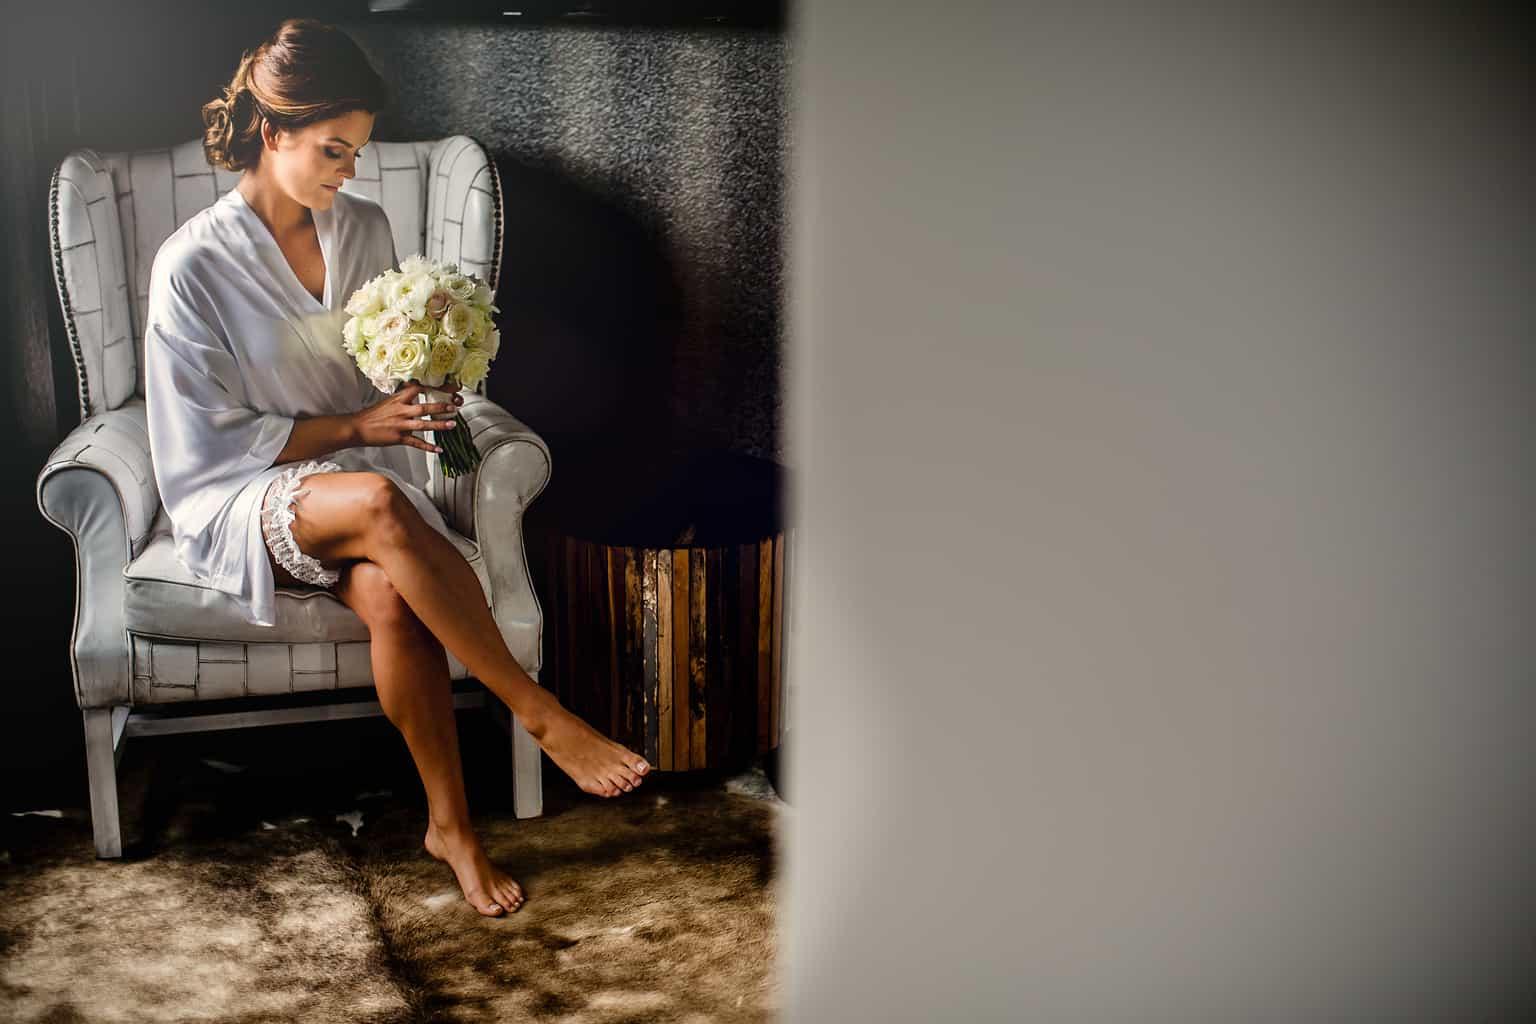 fotocredits Eppel Fotografie, bruid met bruidsboeket, bruiloft regelen, Wedding en planning, Wedding planner